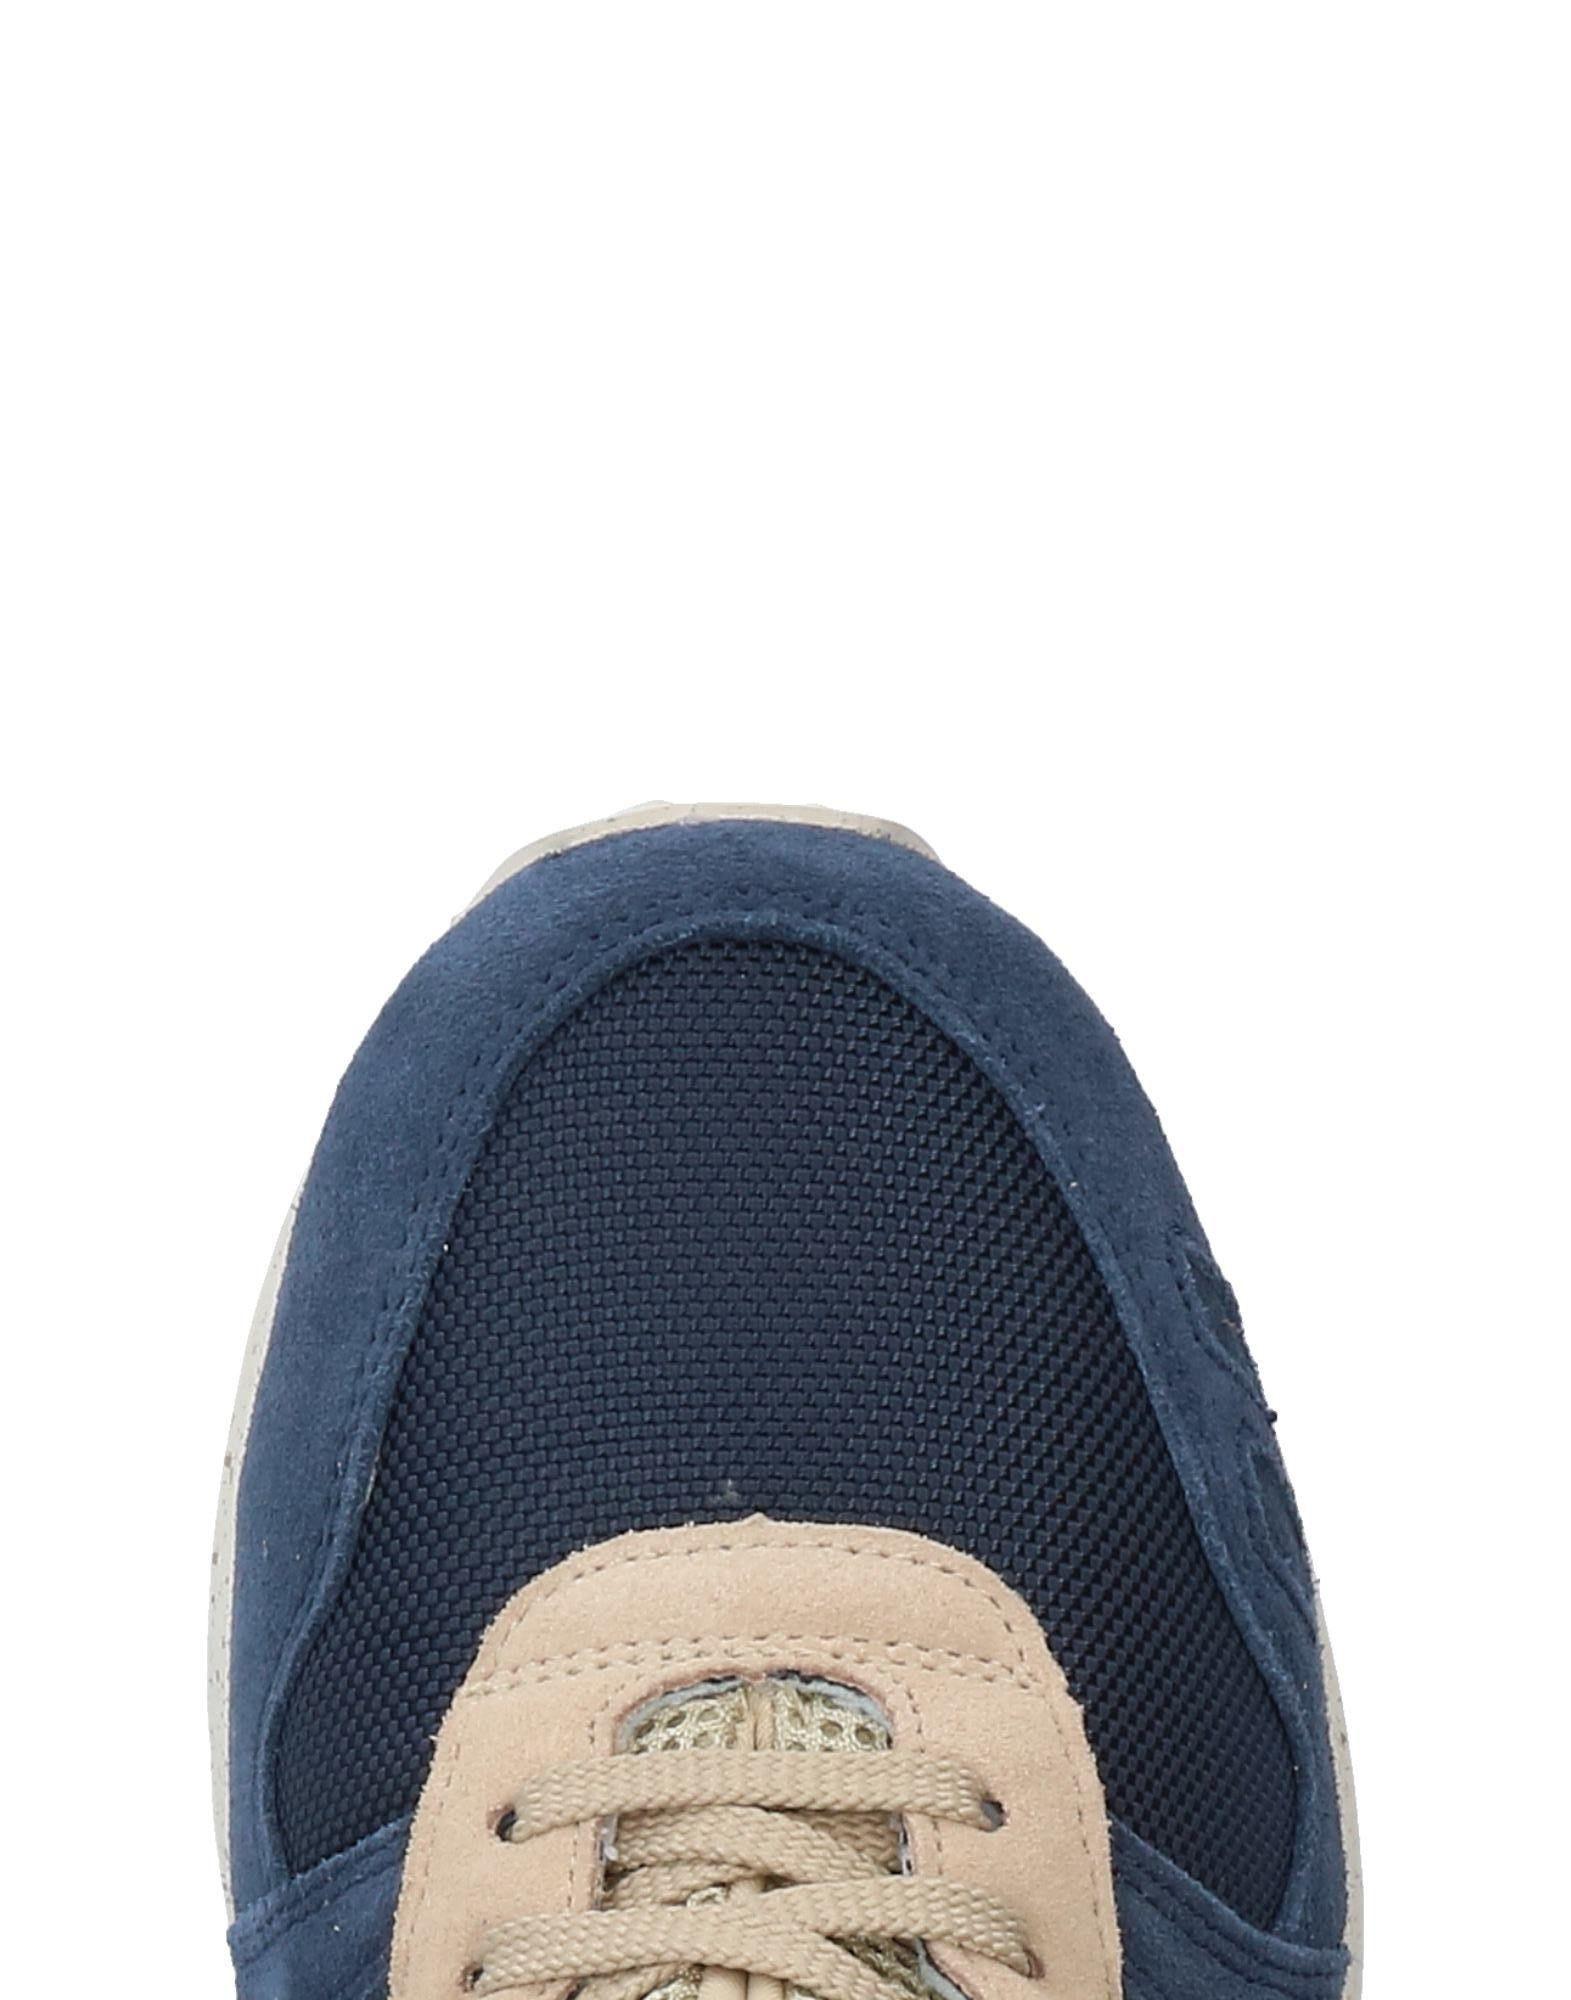 Asics Sneakers Damen  11328362LA Gute Qualität beliebte Schuhe Schuhe Schuhe b4e9a6